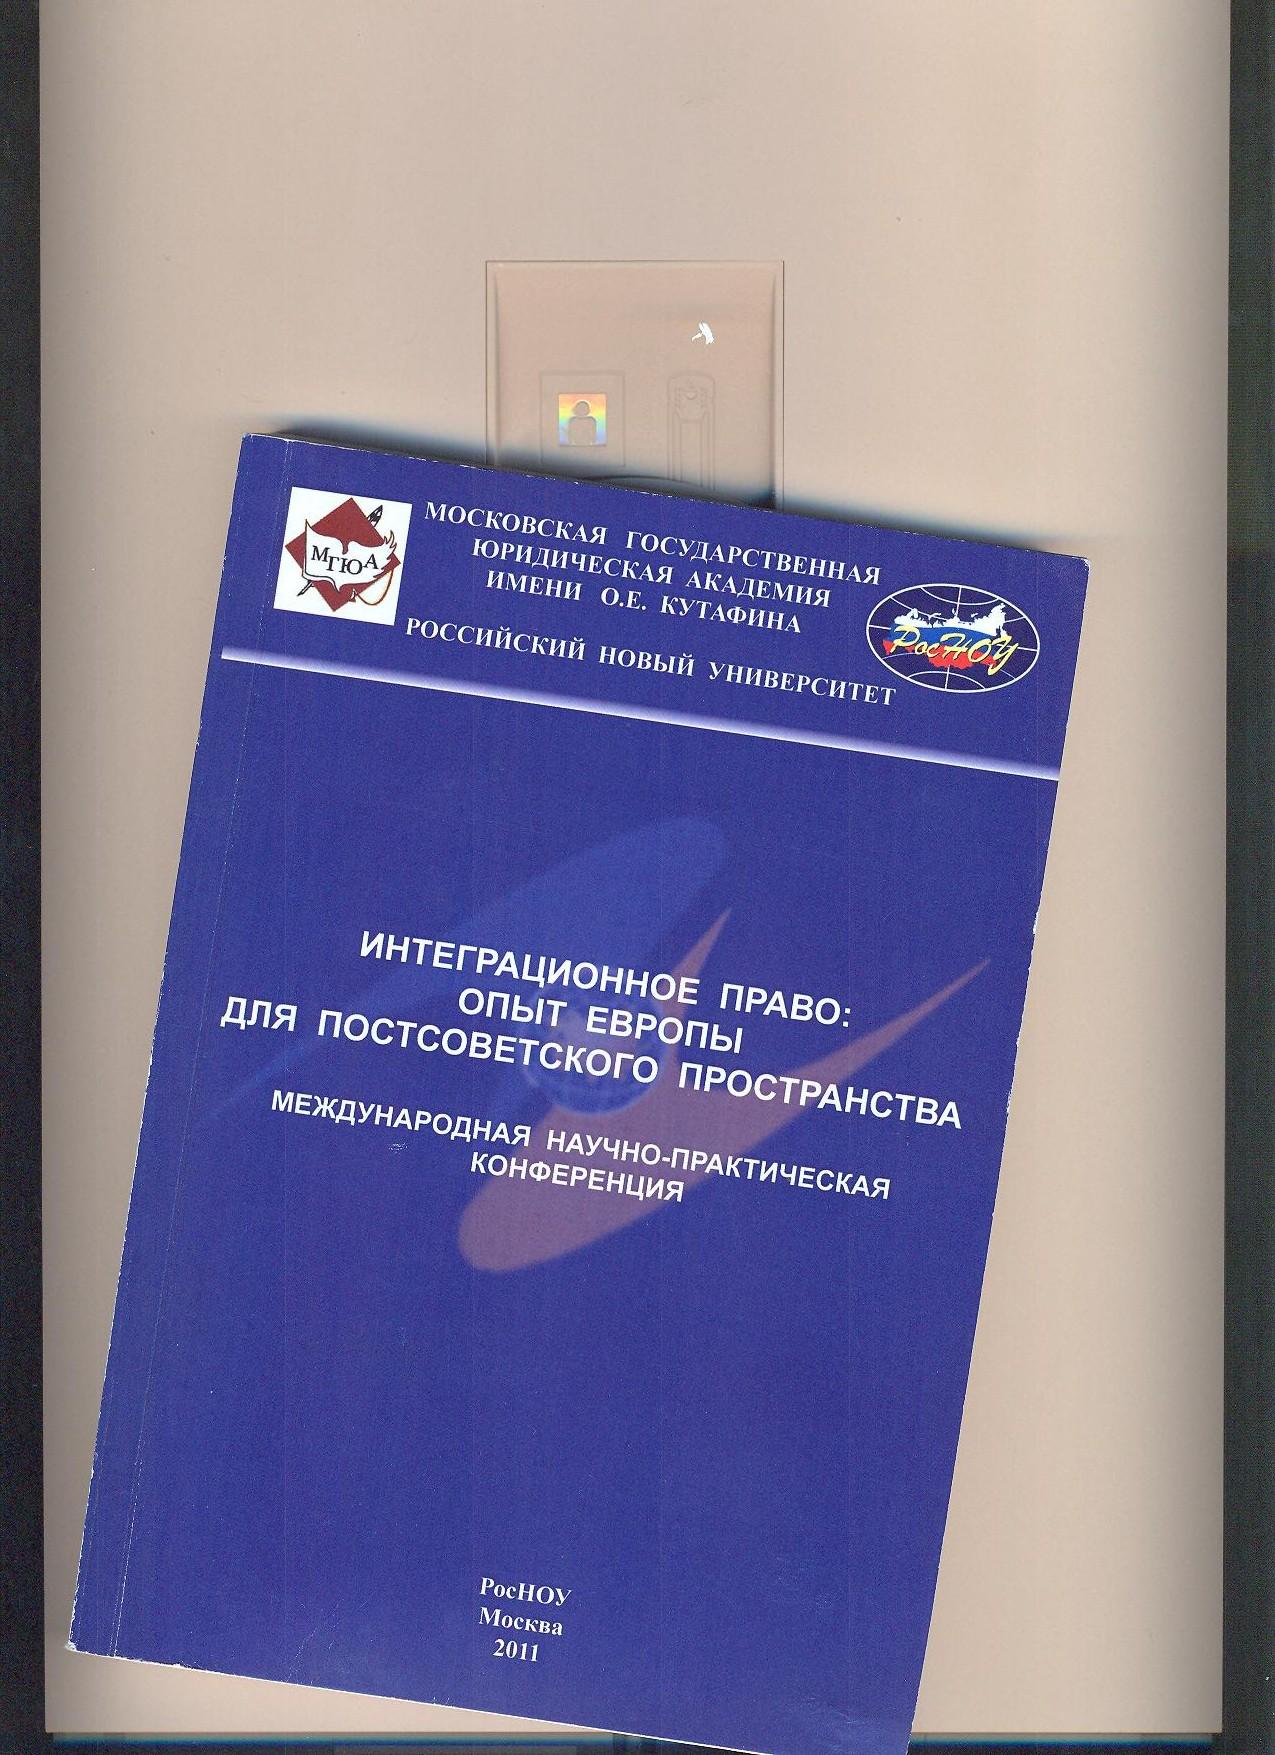 Интеграционное право: опыт Европы для постсоветского пространства: международная научно-практическая конференция